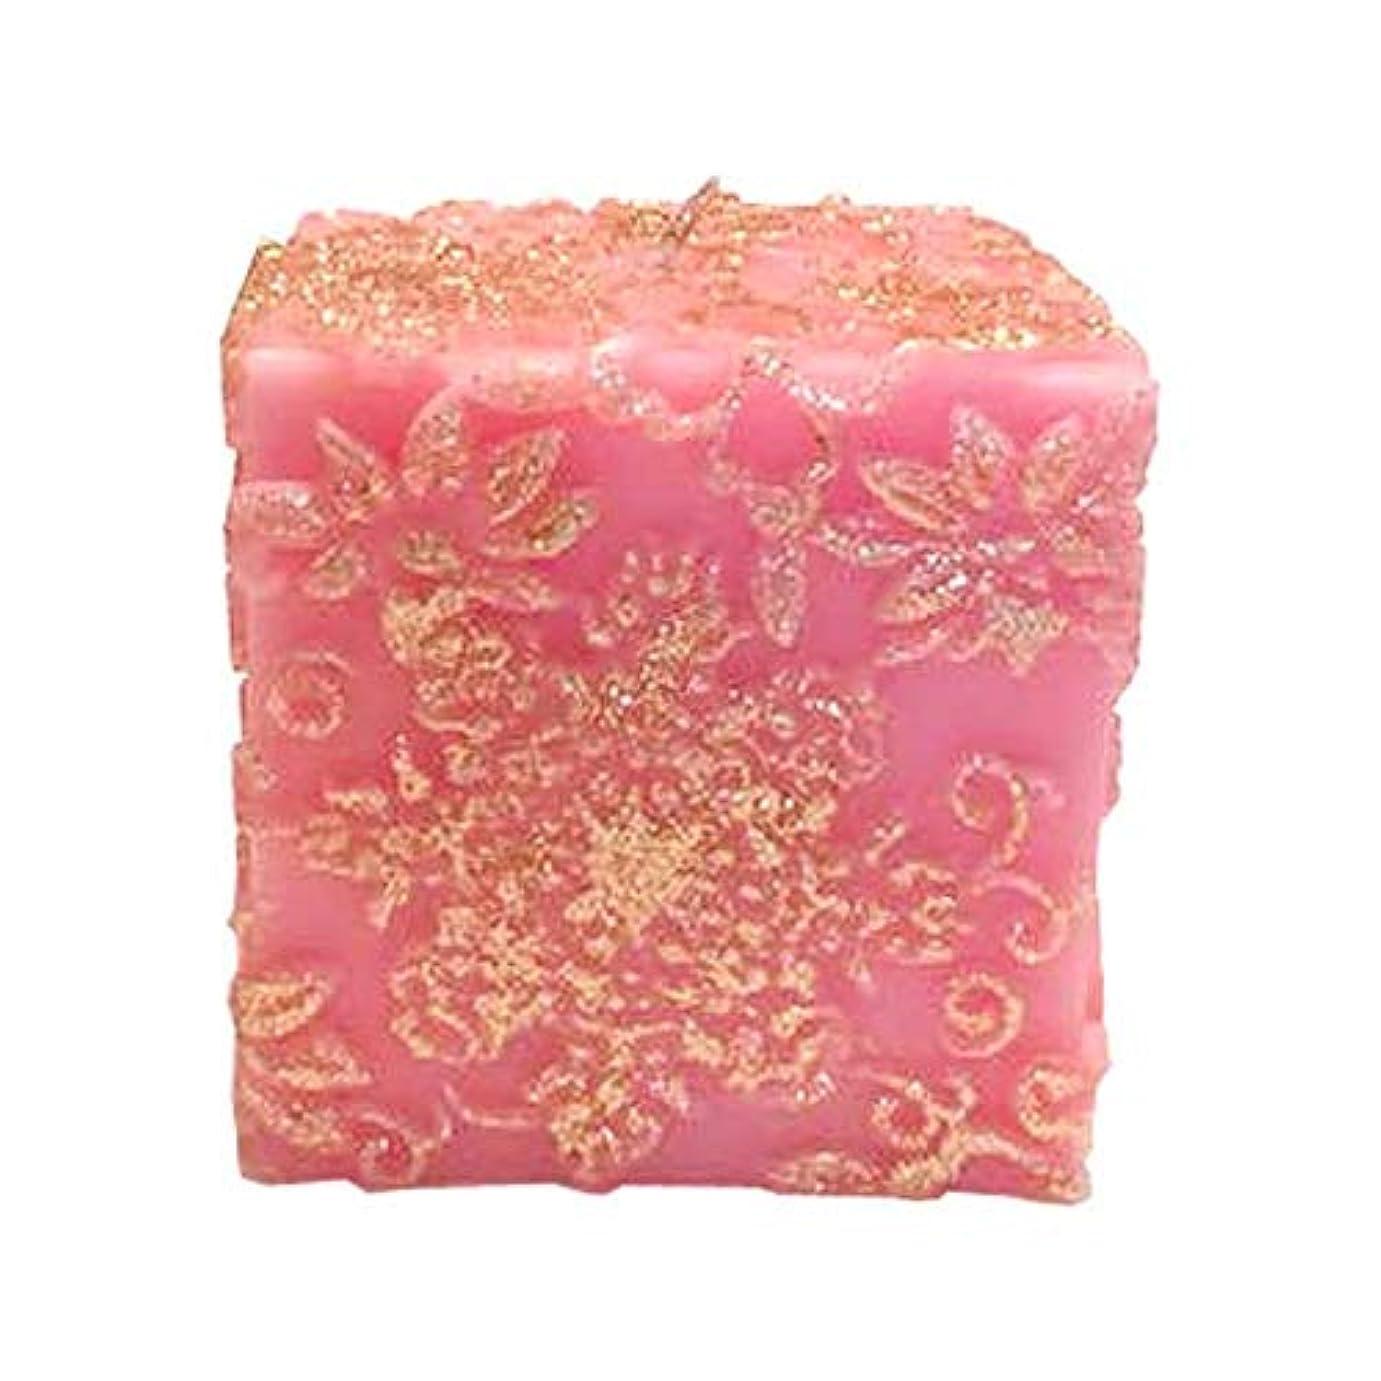 今までリレー盟主スノーフレークフラワー Cube (Pink×Gold Gliter)